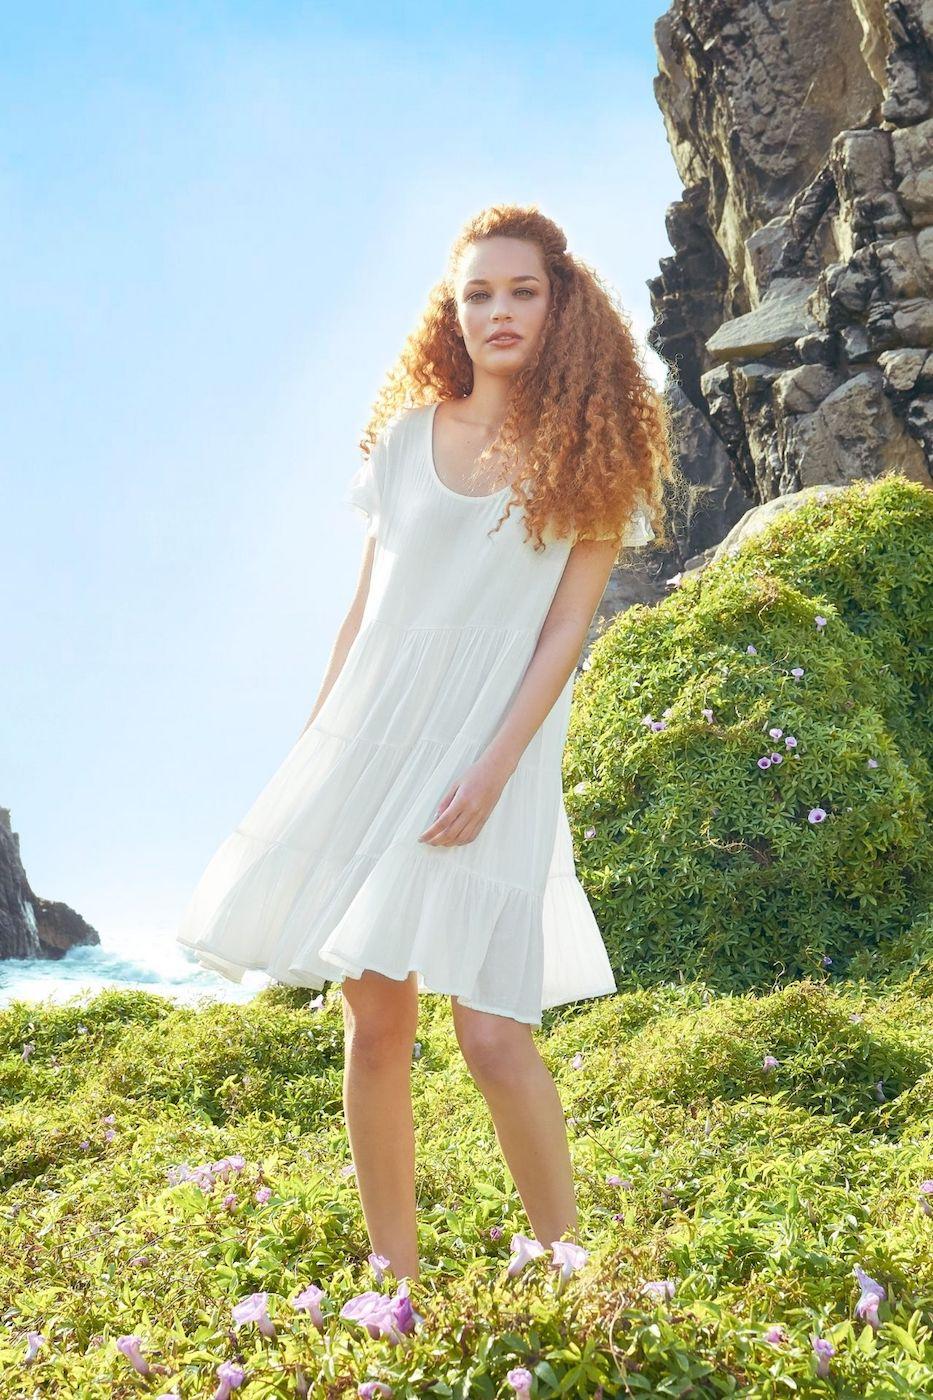 Rosa es un vestido corto de 3 tiempos con volados de bobos en las mangas, es un estilo romántico y cómodo.  Está elaborado de Full Lino, haciendo que la prenda sea súper fresca.  Medidas:  Cintura: 102 cms  Cadera: 126 cms  Largo: 90 cms